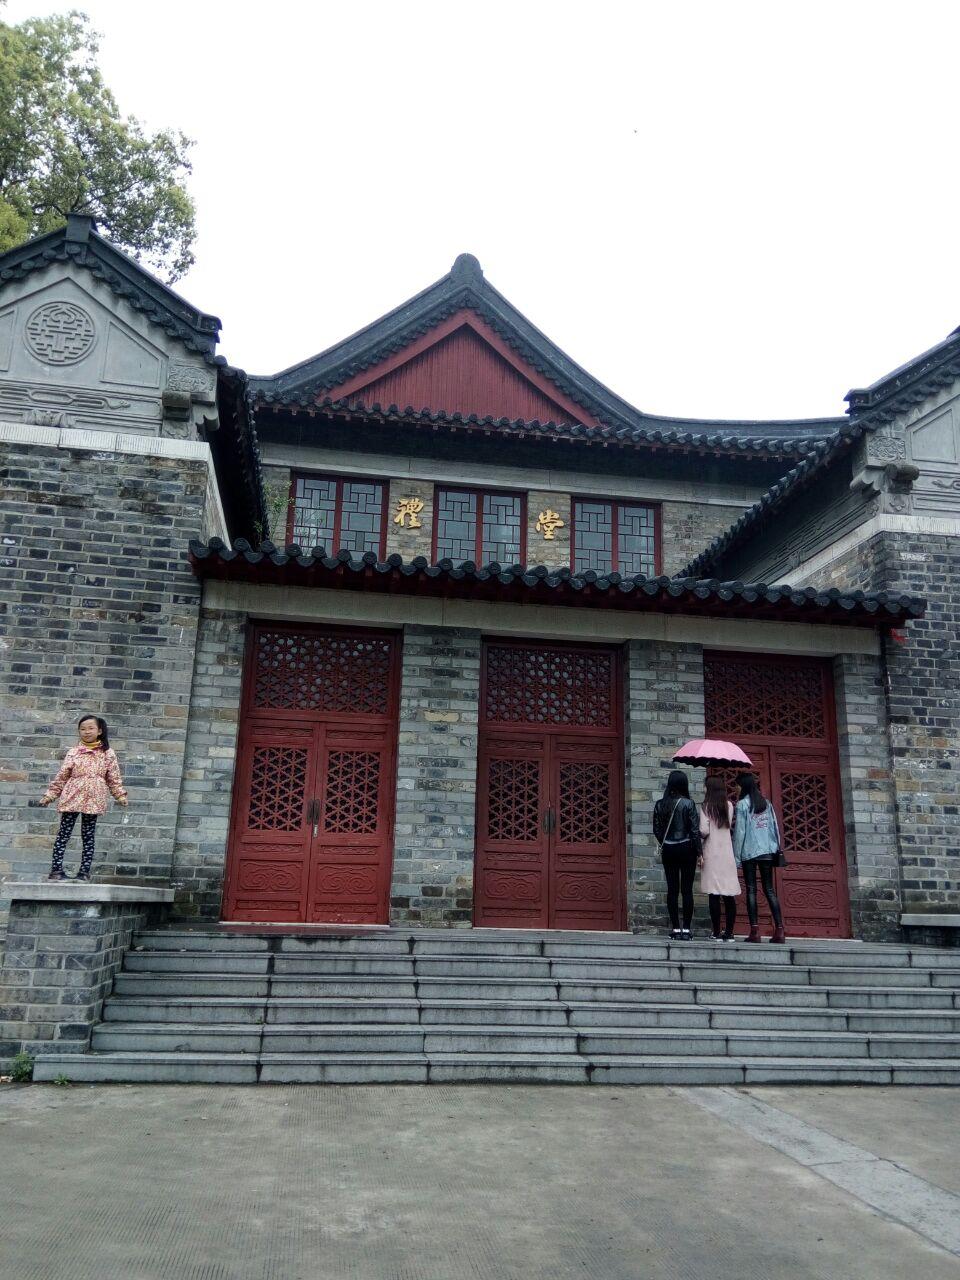 南京大学(Nanjing University),简称南大,是教育部直属、中央直管副部级建制的全国重点大学,国家首批双一流、211工程、985工程高校,首批珠峰计划、111计划、2011计划、卓越计划实施高校,也是九校联盟、中国大学校长联谊会、环太平洋大学联盟、21世纪学术联盟和东亚研究型大学协会成员。南京大学是中国第一所集教学和研究于一体的现代大学,其学脉可追溯自孙吴永安元年(258年)的南京太学,近代校史肇始于1902年筹办的三江师范学堂,先后历经多